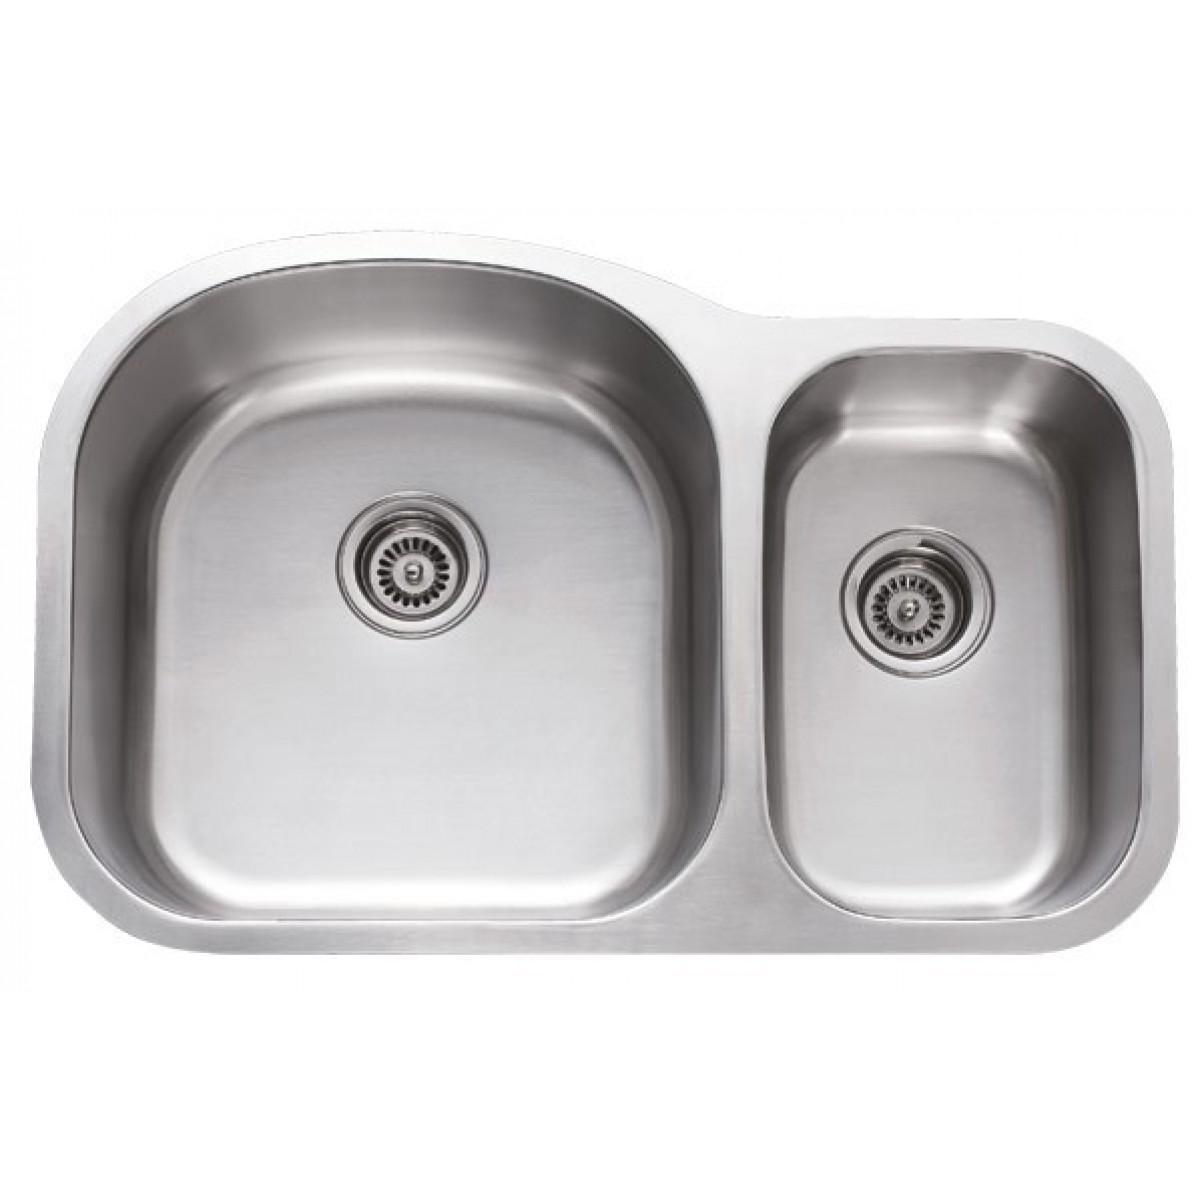 31 Inch Stainless Steel Undermount 70 30 Double Bowl Kitchen Sink 18 Gauge